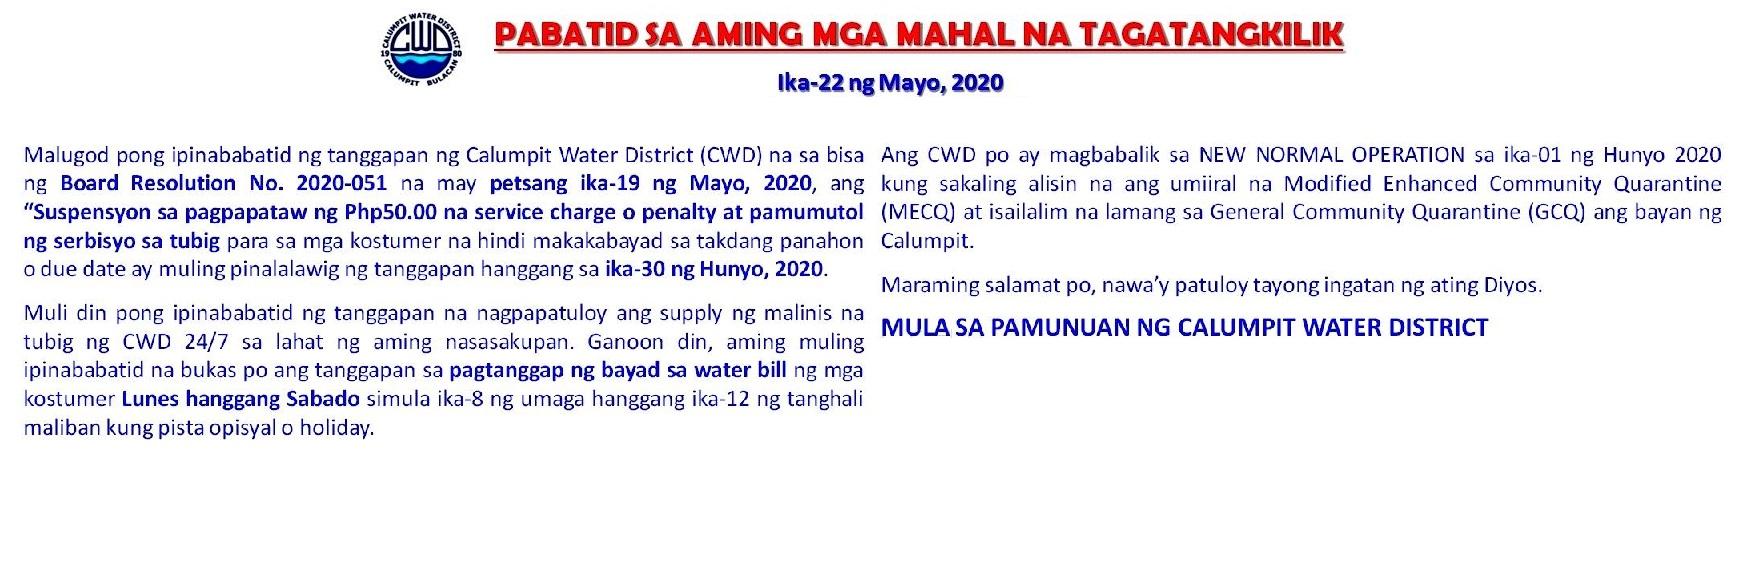 Pabatid Sa Aming Mga Mahal Na Tagatangkilik 05-22-20 for banner